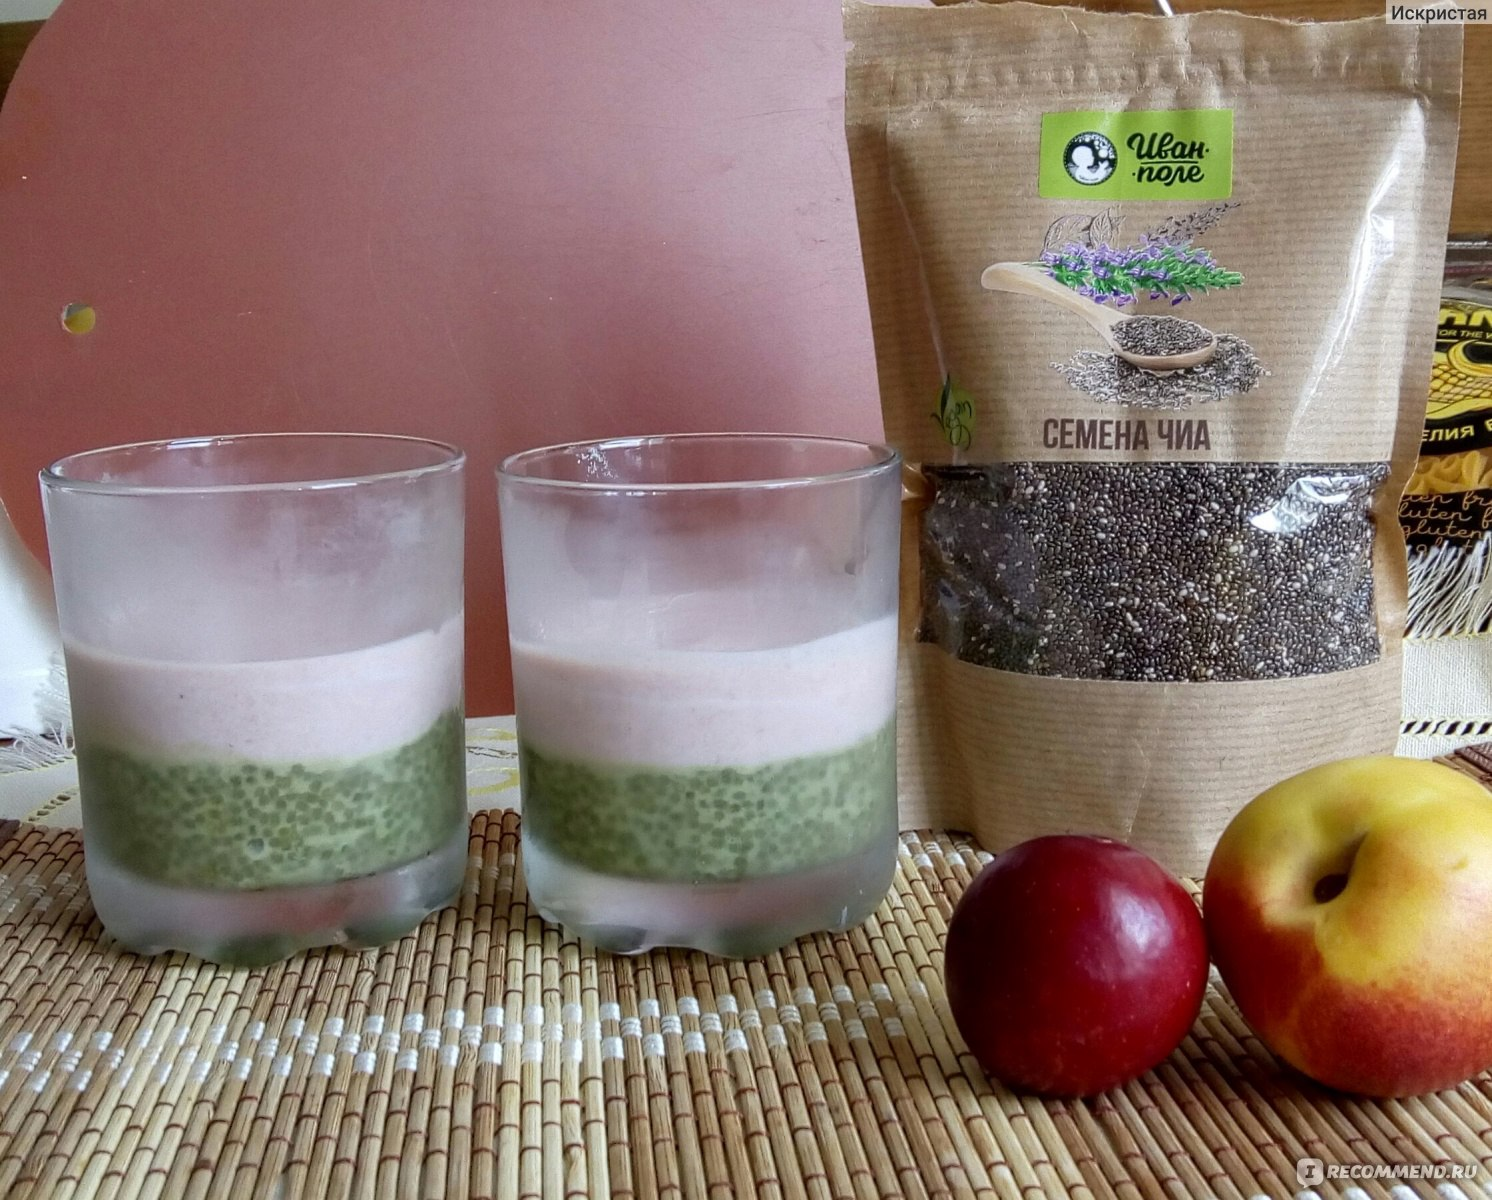 Как применять семена чиа для похудения— как употреблять, сколько раз в день, рецепты, отзывы и противопоказания